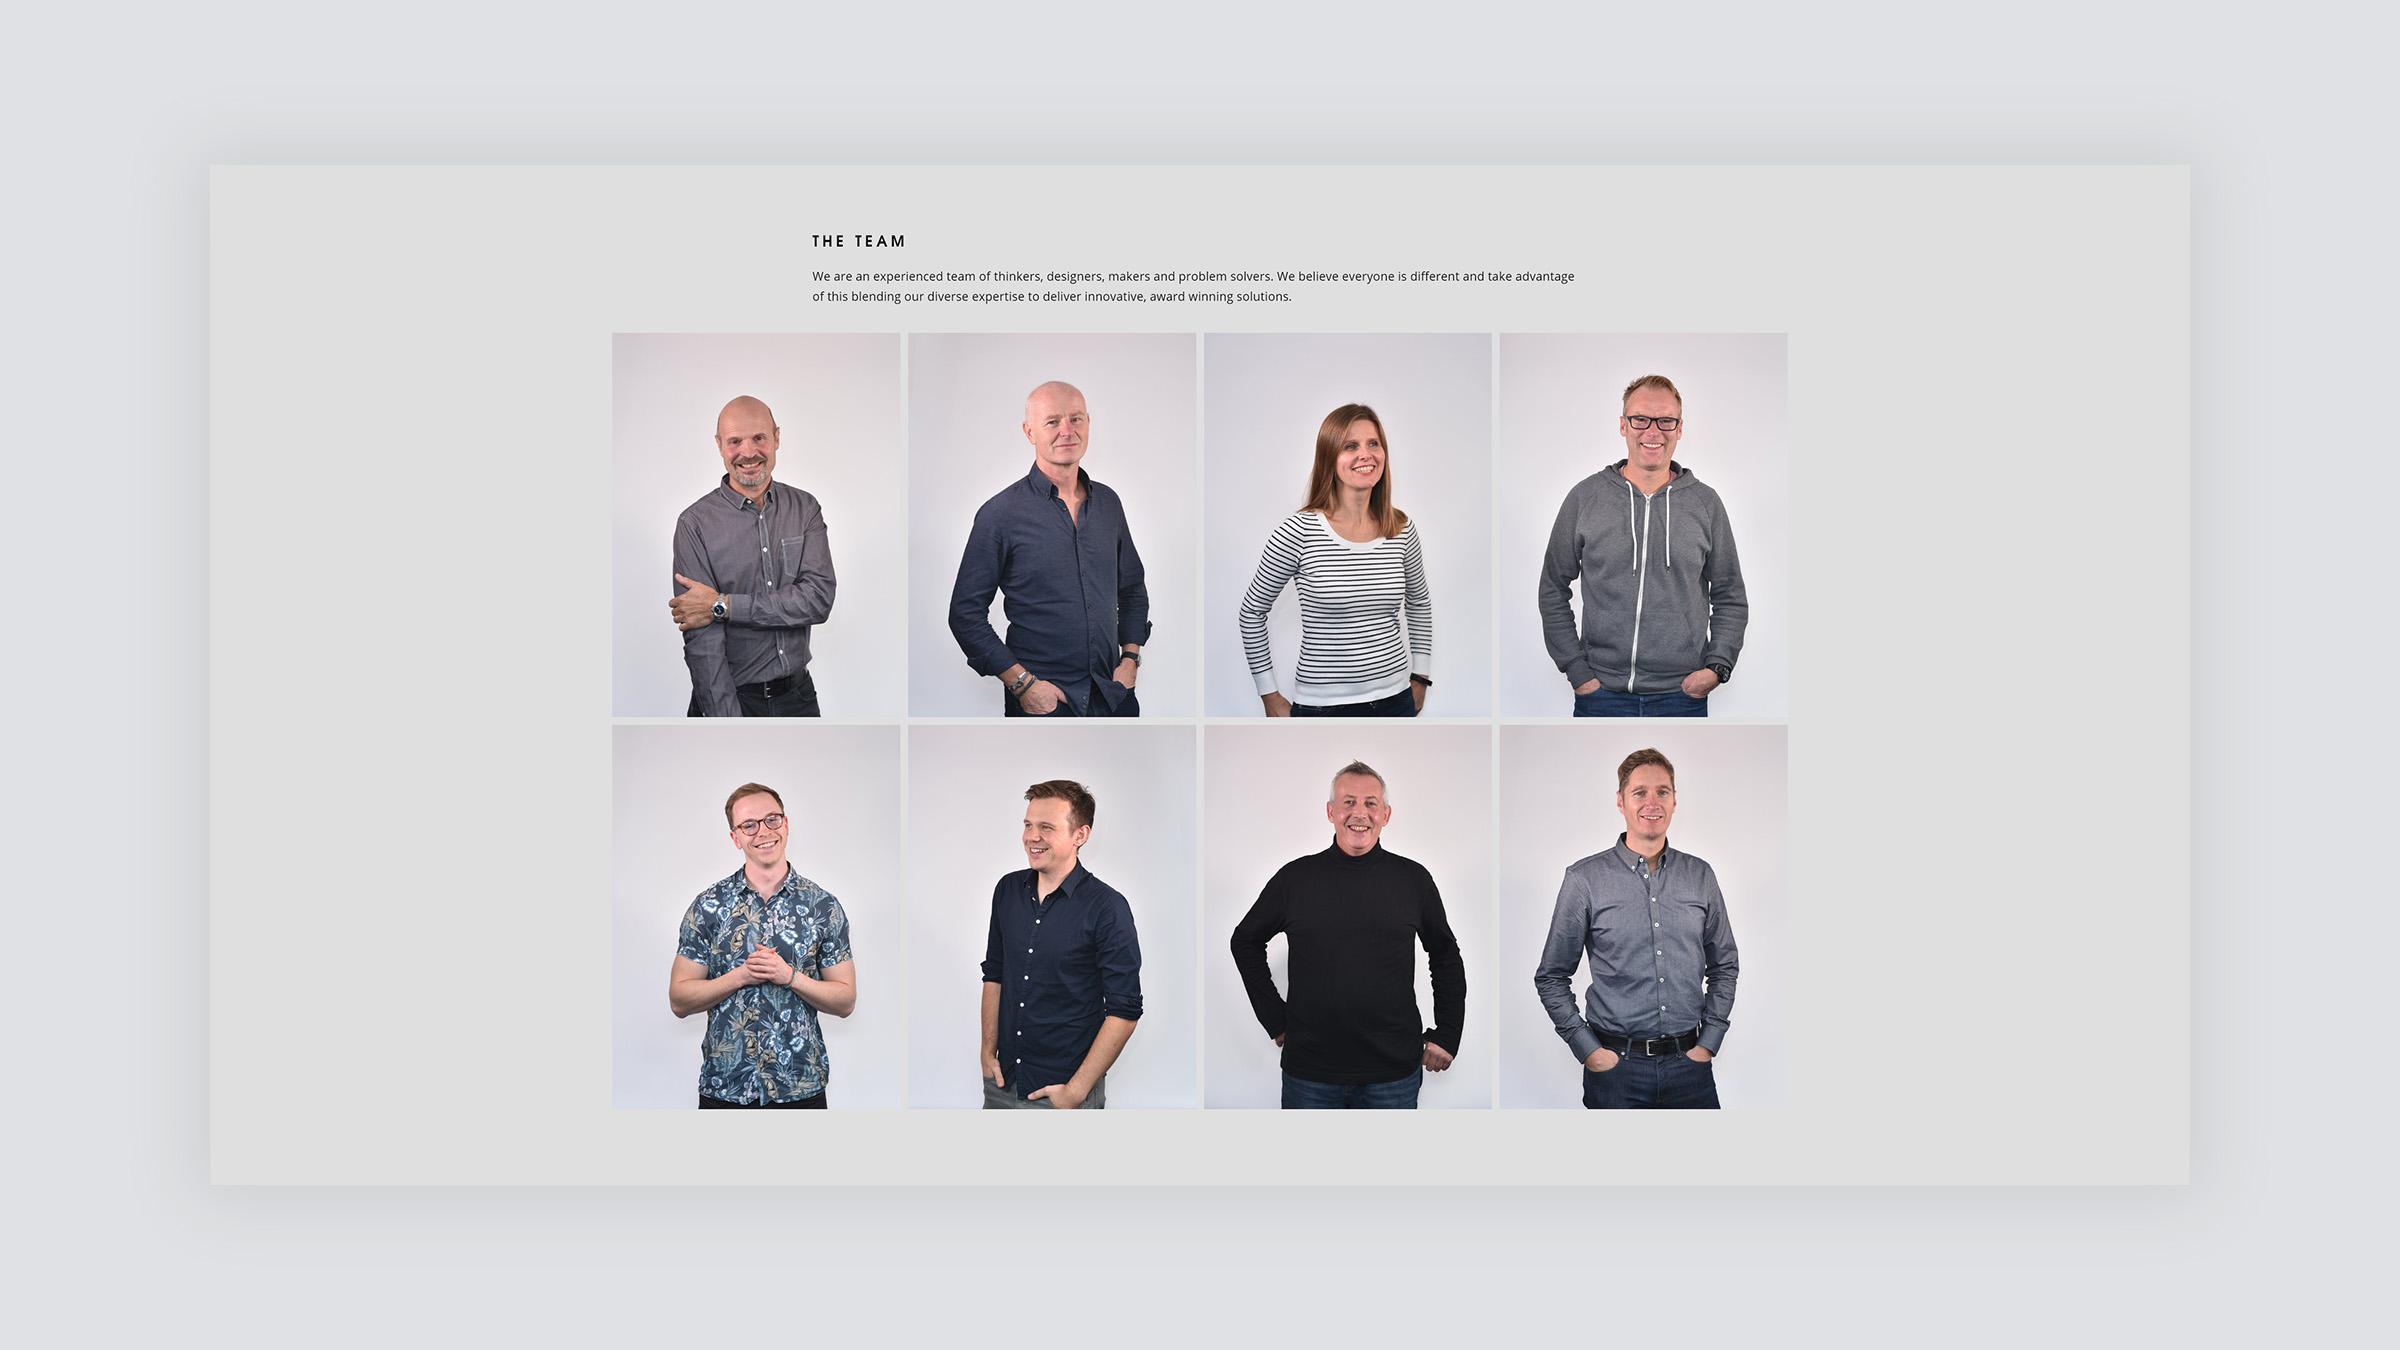 DesignworksTeamPage.jpg